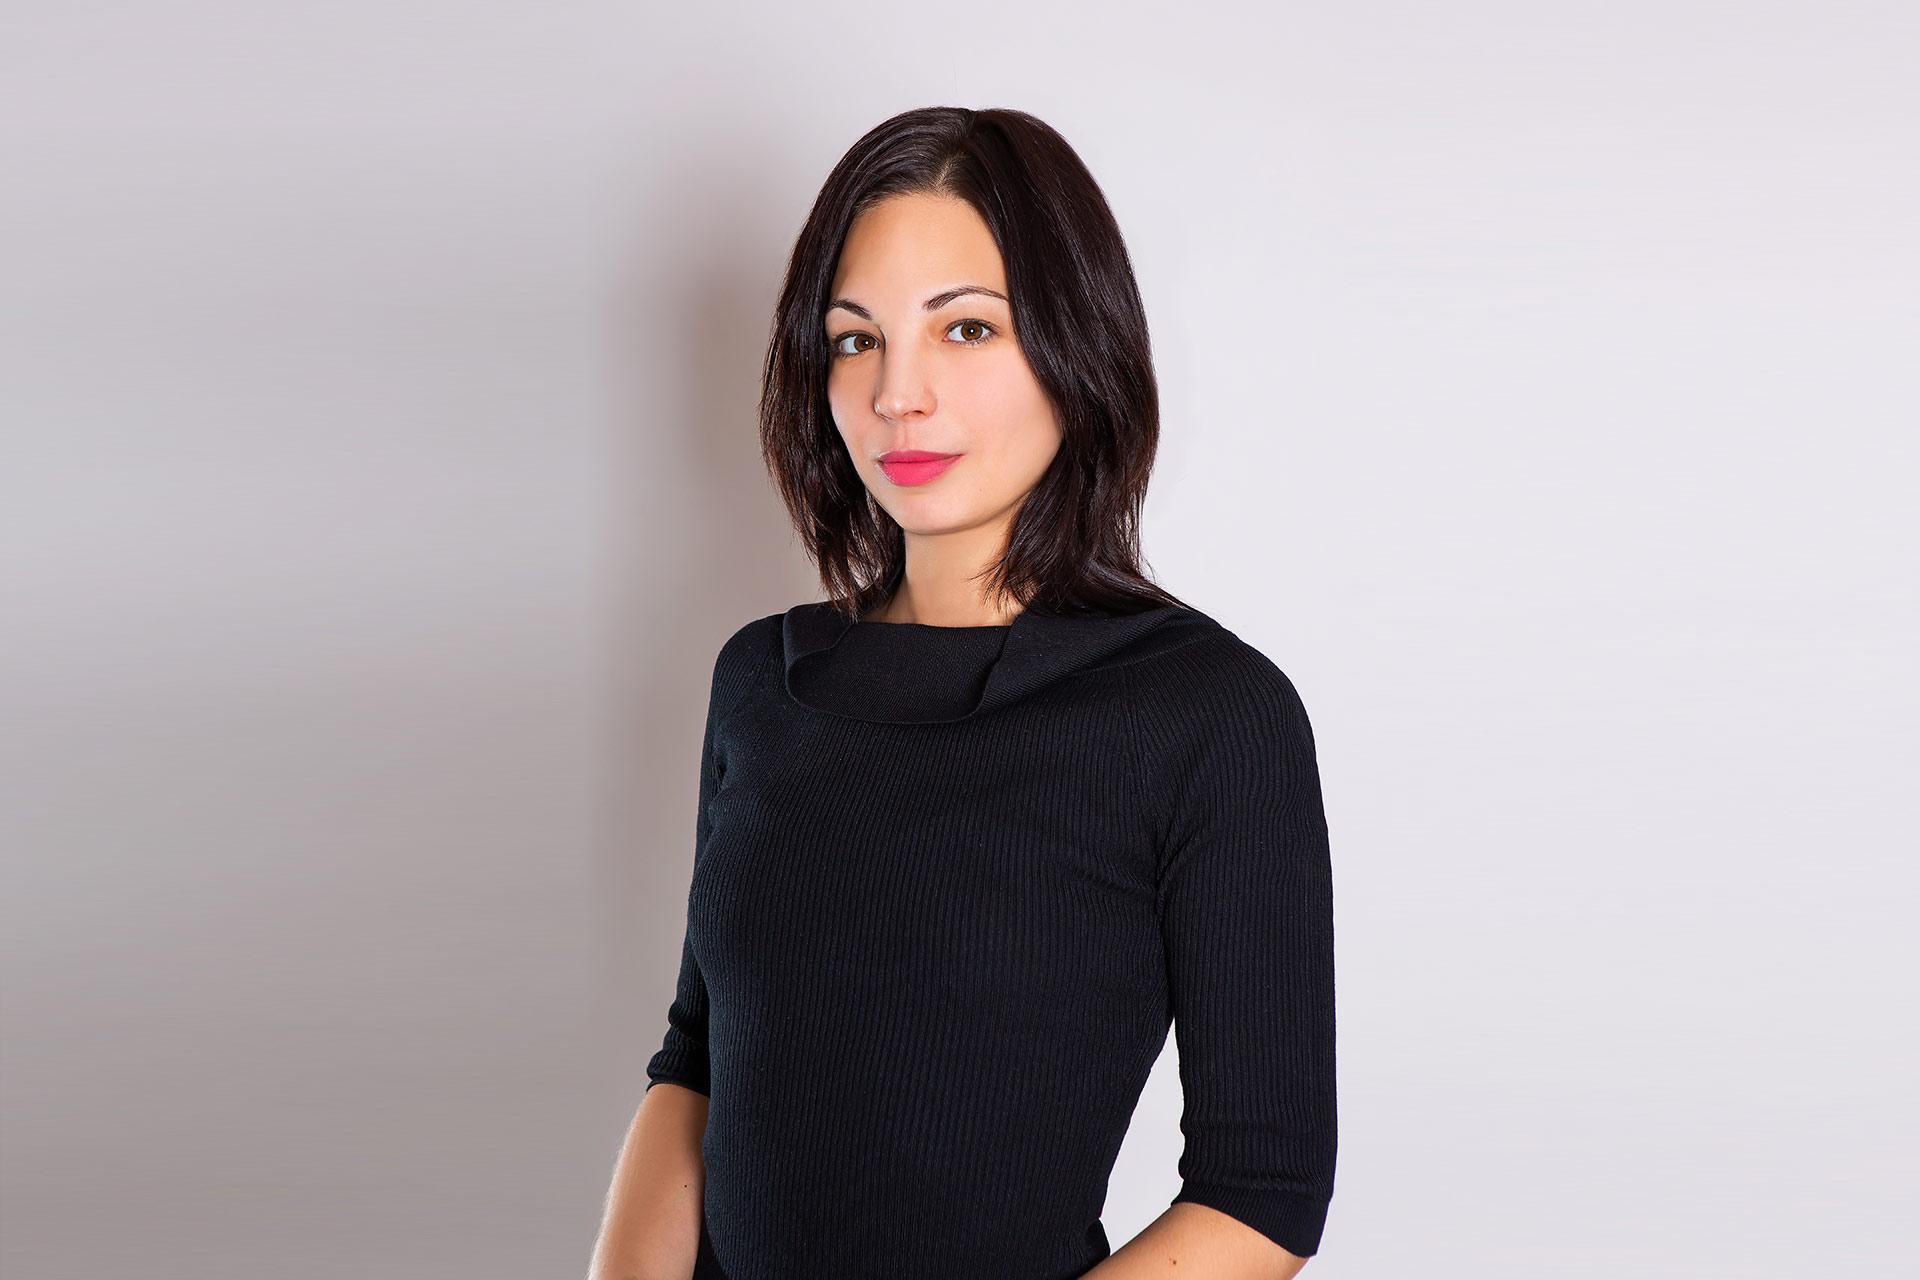 Анна Луценко. Продажи как продолжение личности эксперта